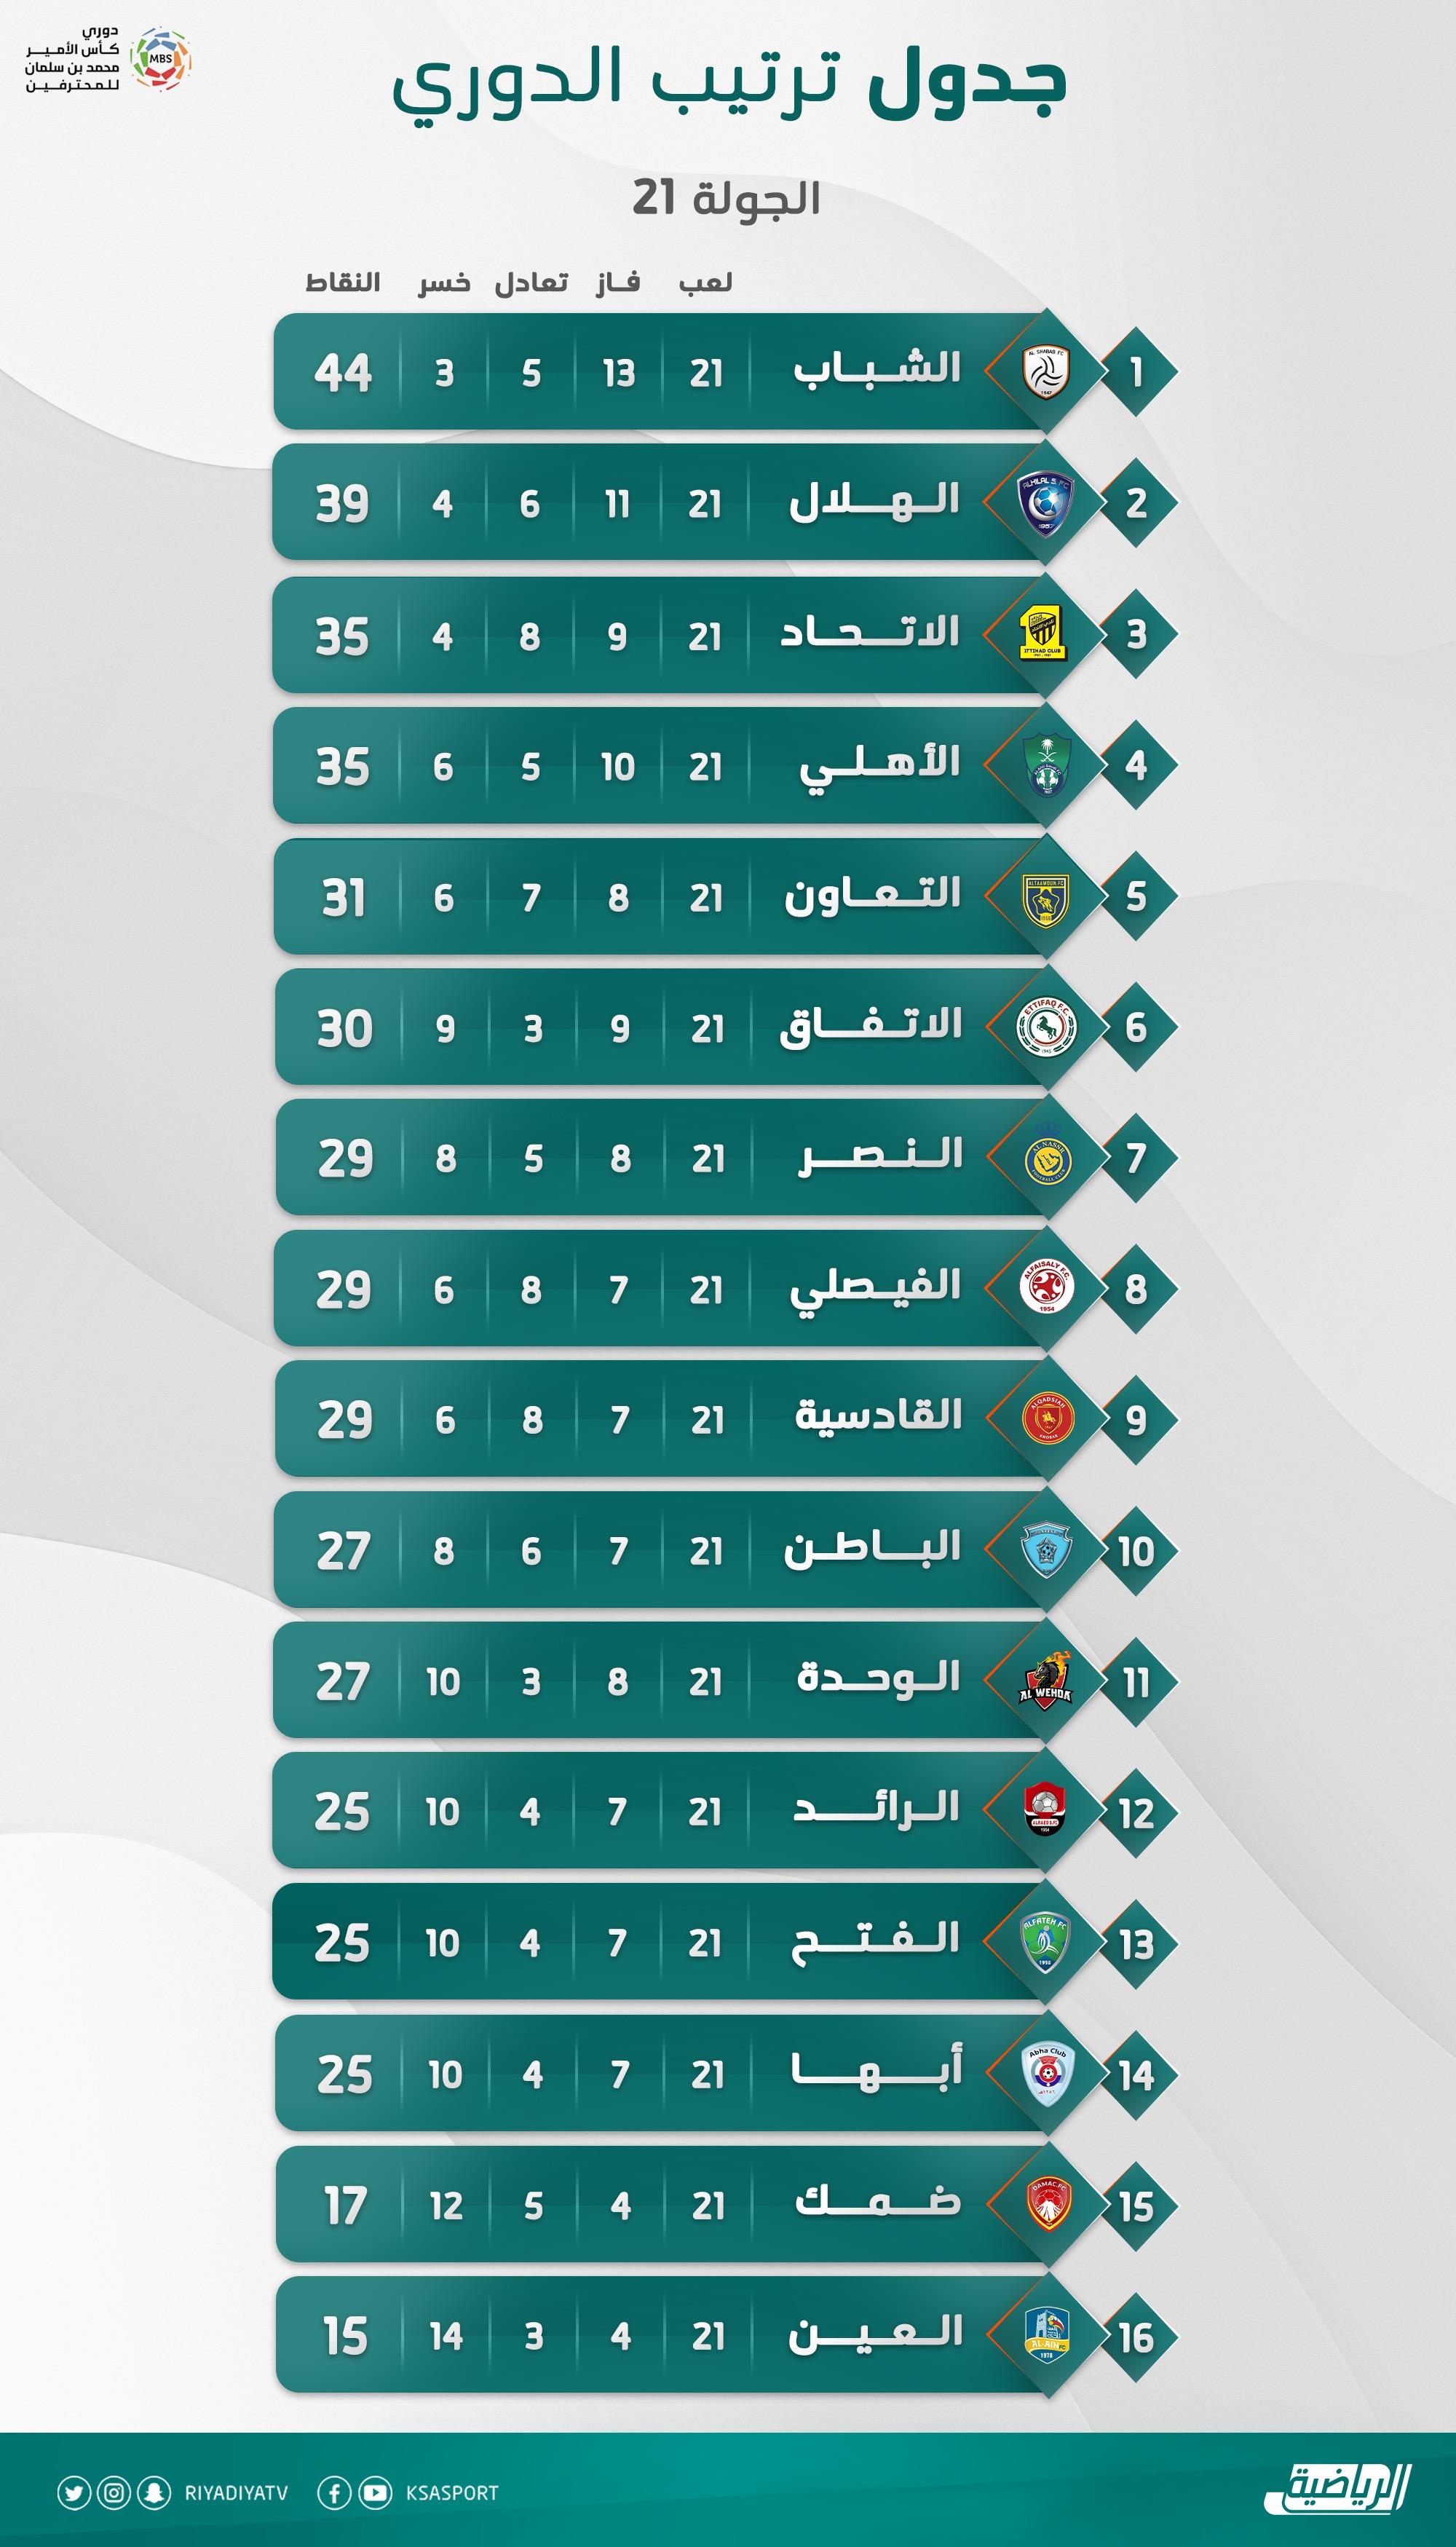 جدول ترتيب الدوري السعودي بعد انتهاء الجولة 21